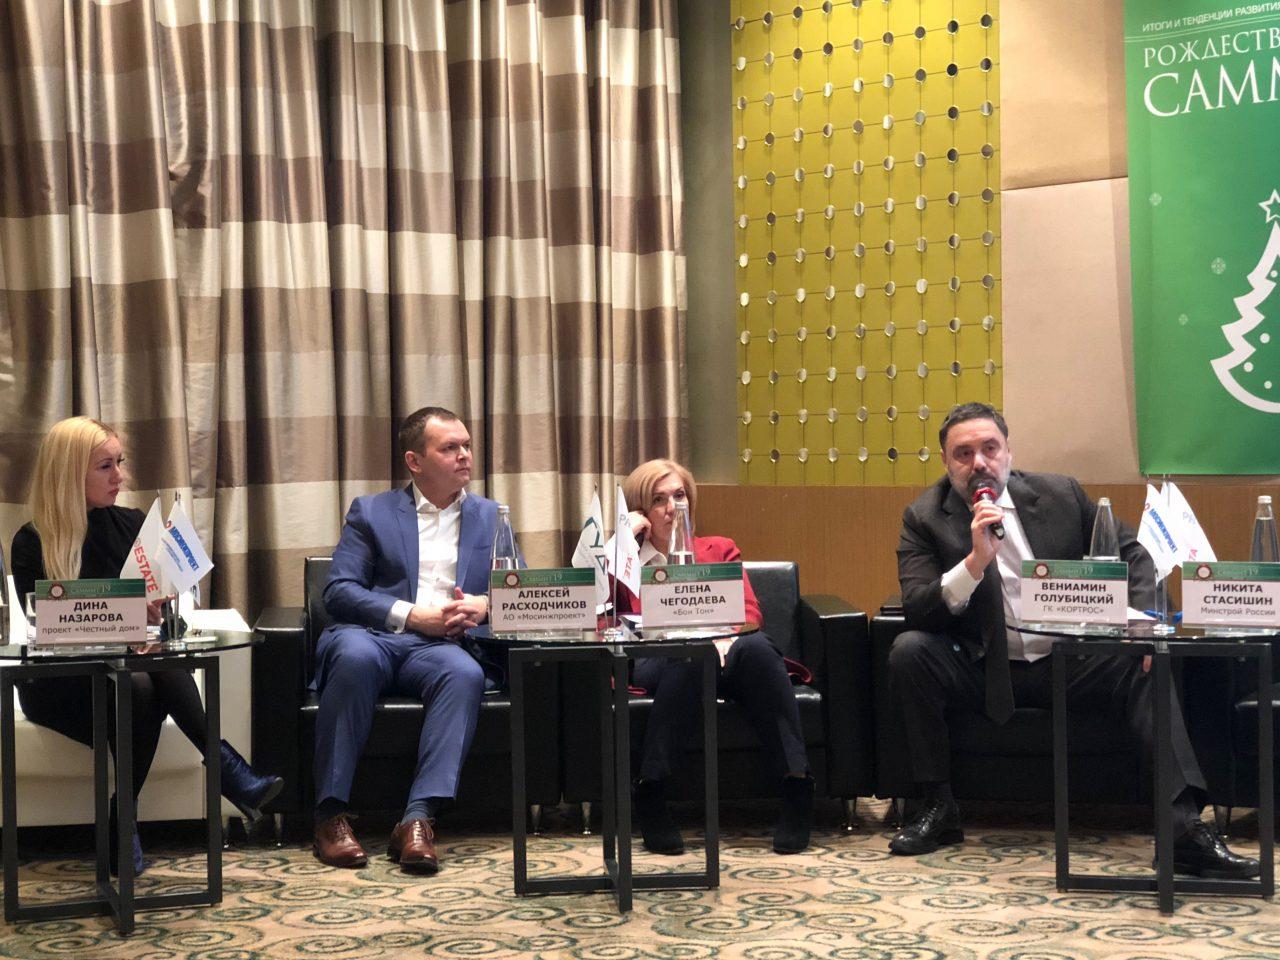 Рождественский саммит PROESTATE проходит в Москве